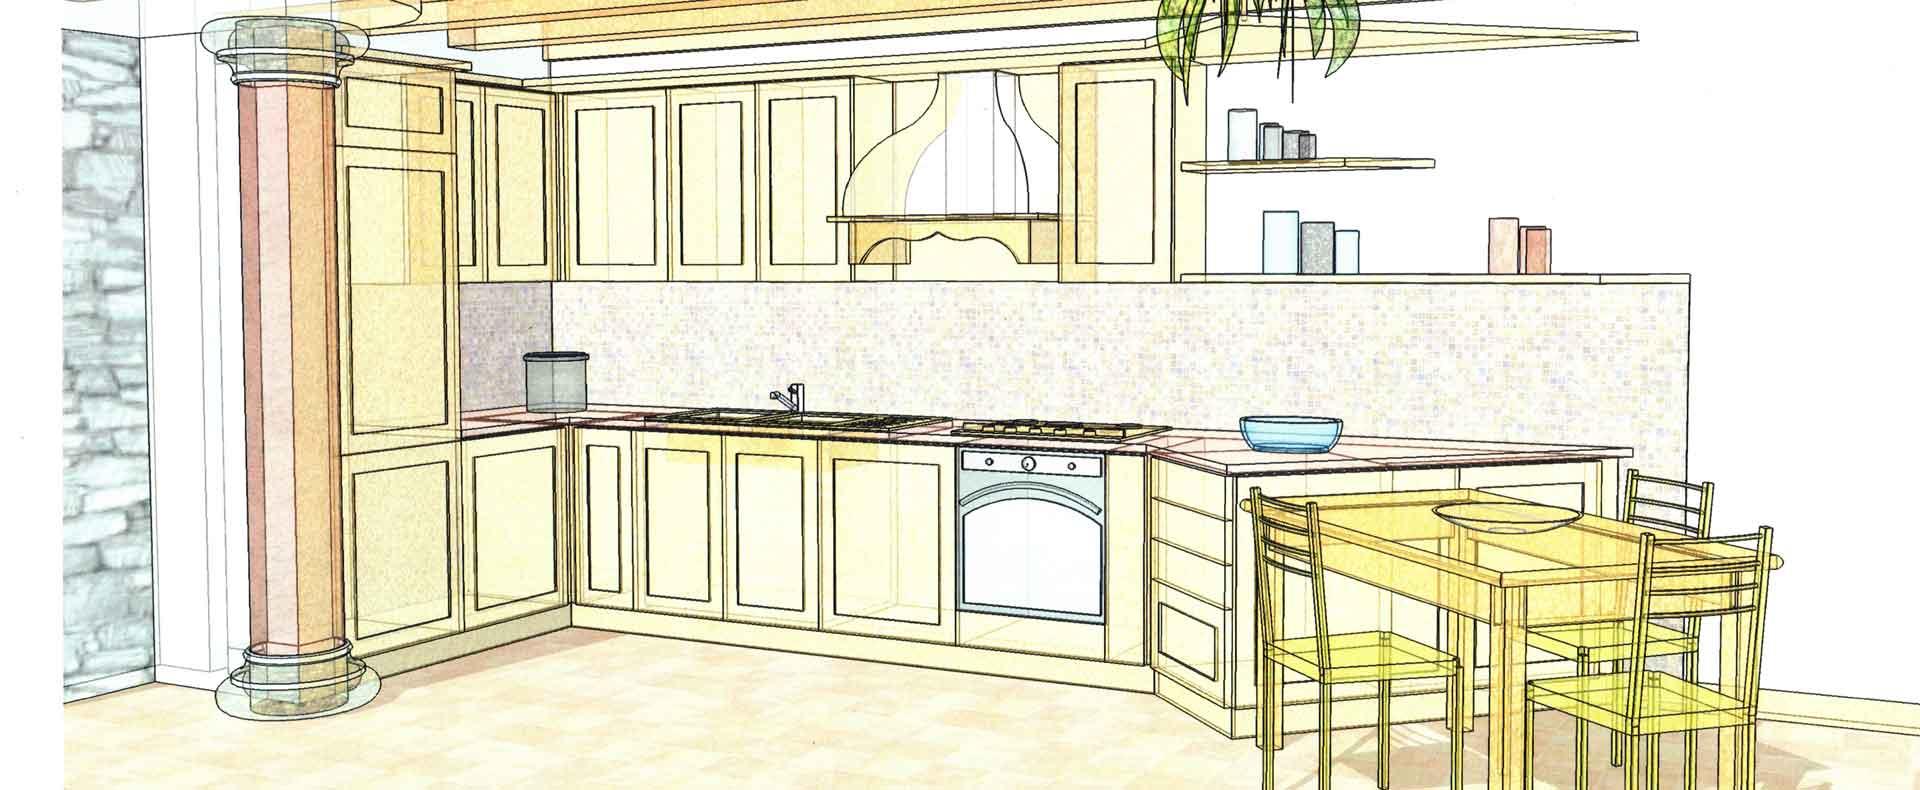 Progettazione arredamenti di interni e artigianato del for Arredamenti opera